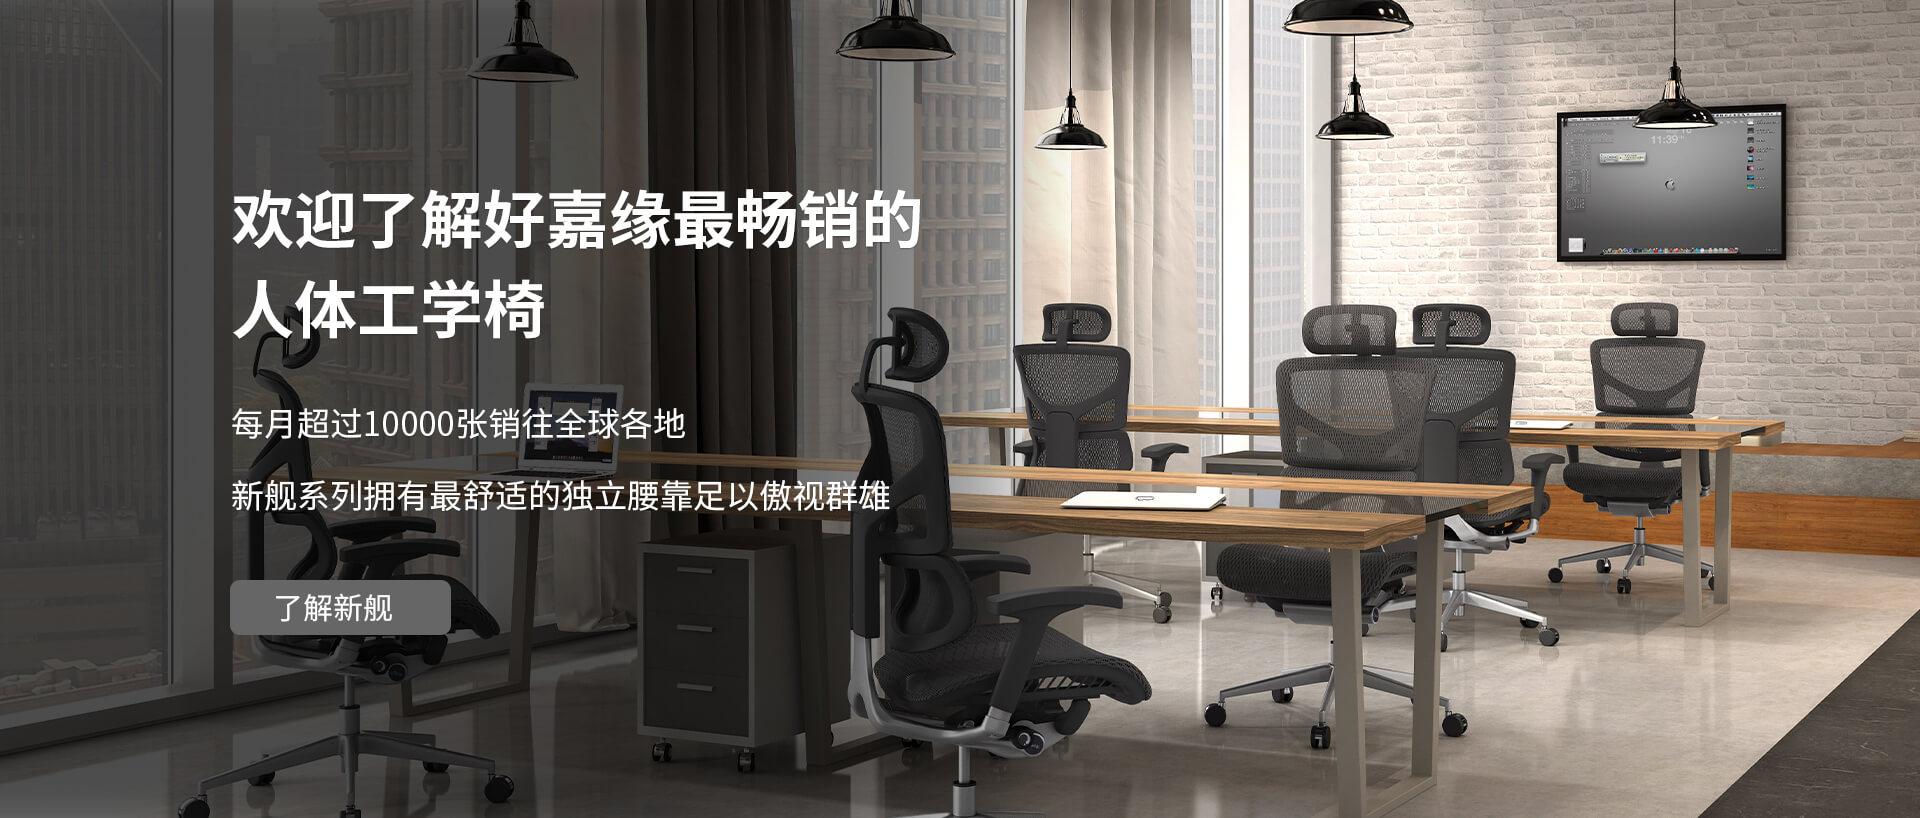 好嘉缘最畅销的人体工学椅